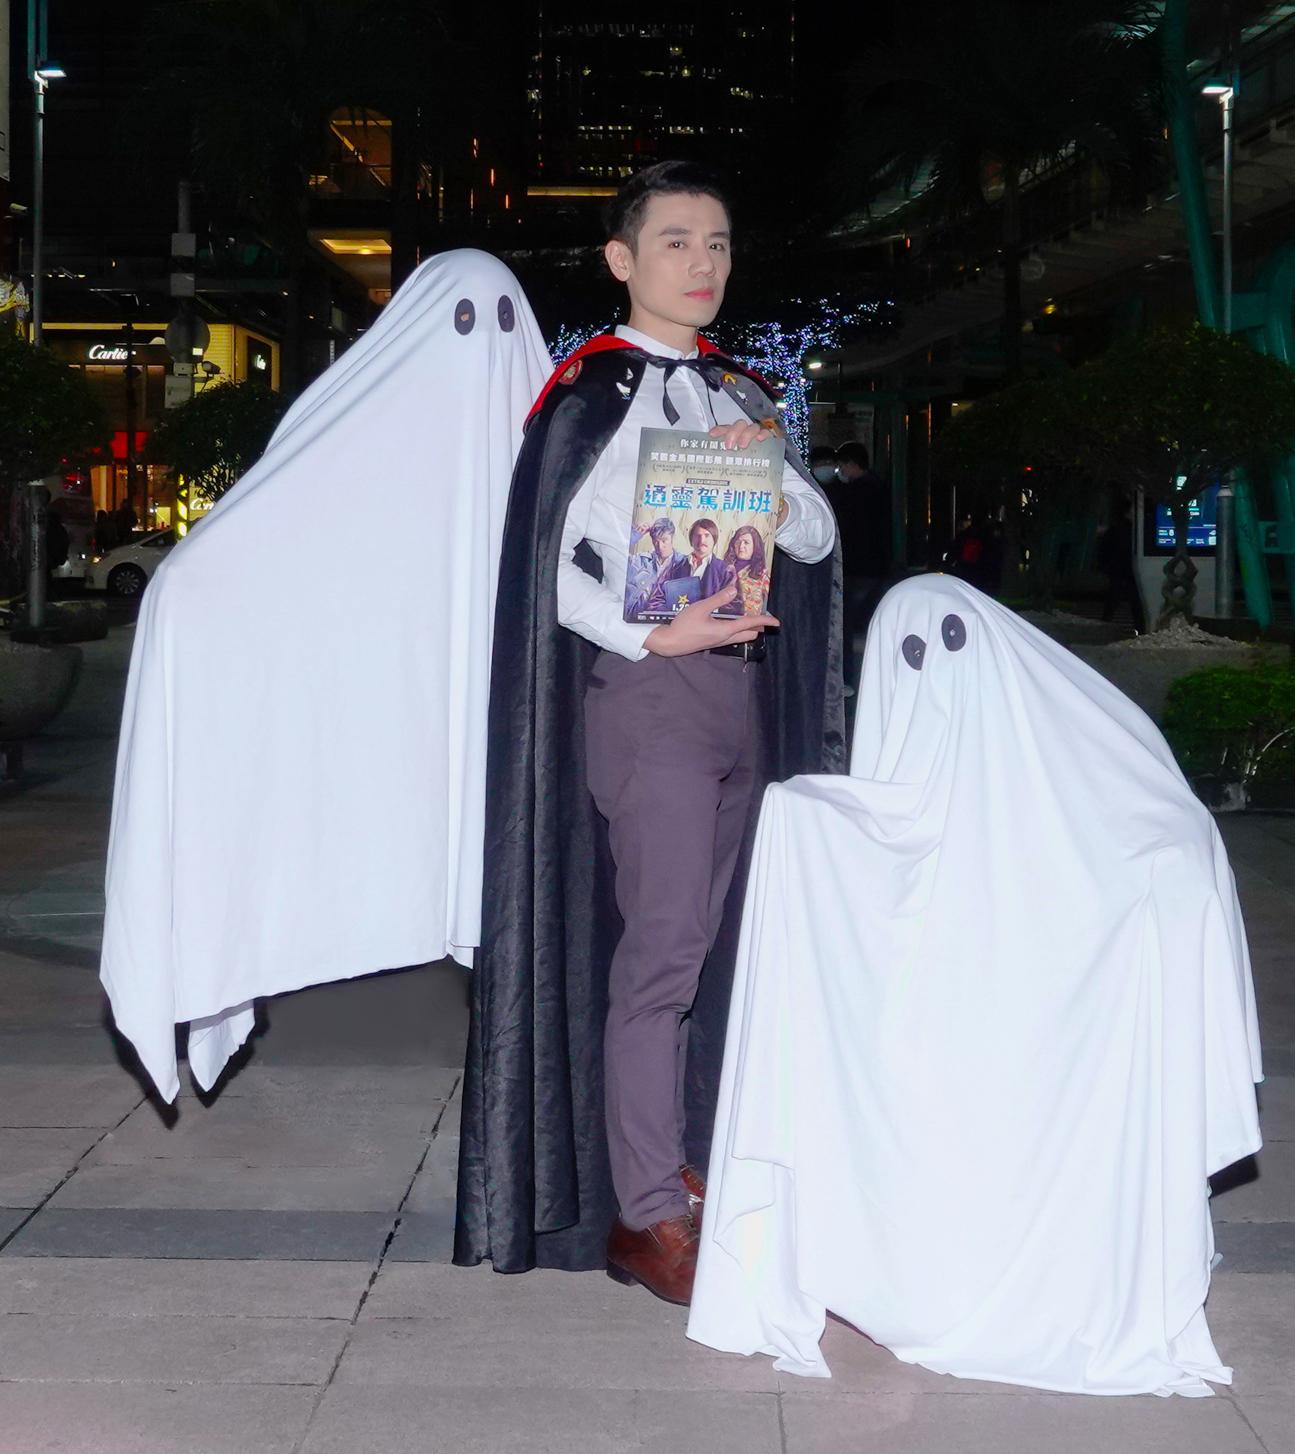 邱志宇扮成《通靈駕訓班》「魔王」,更出動一對「幽靈」為電影造勢